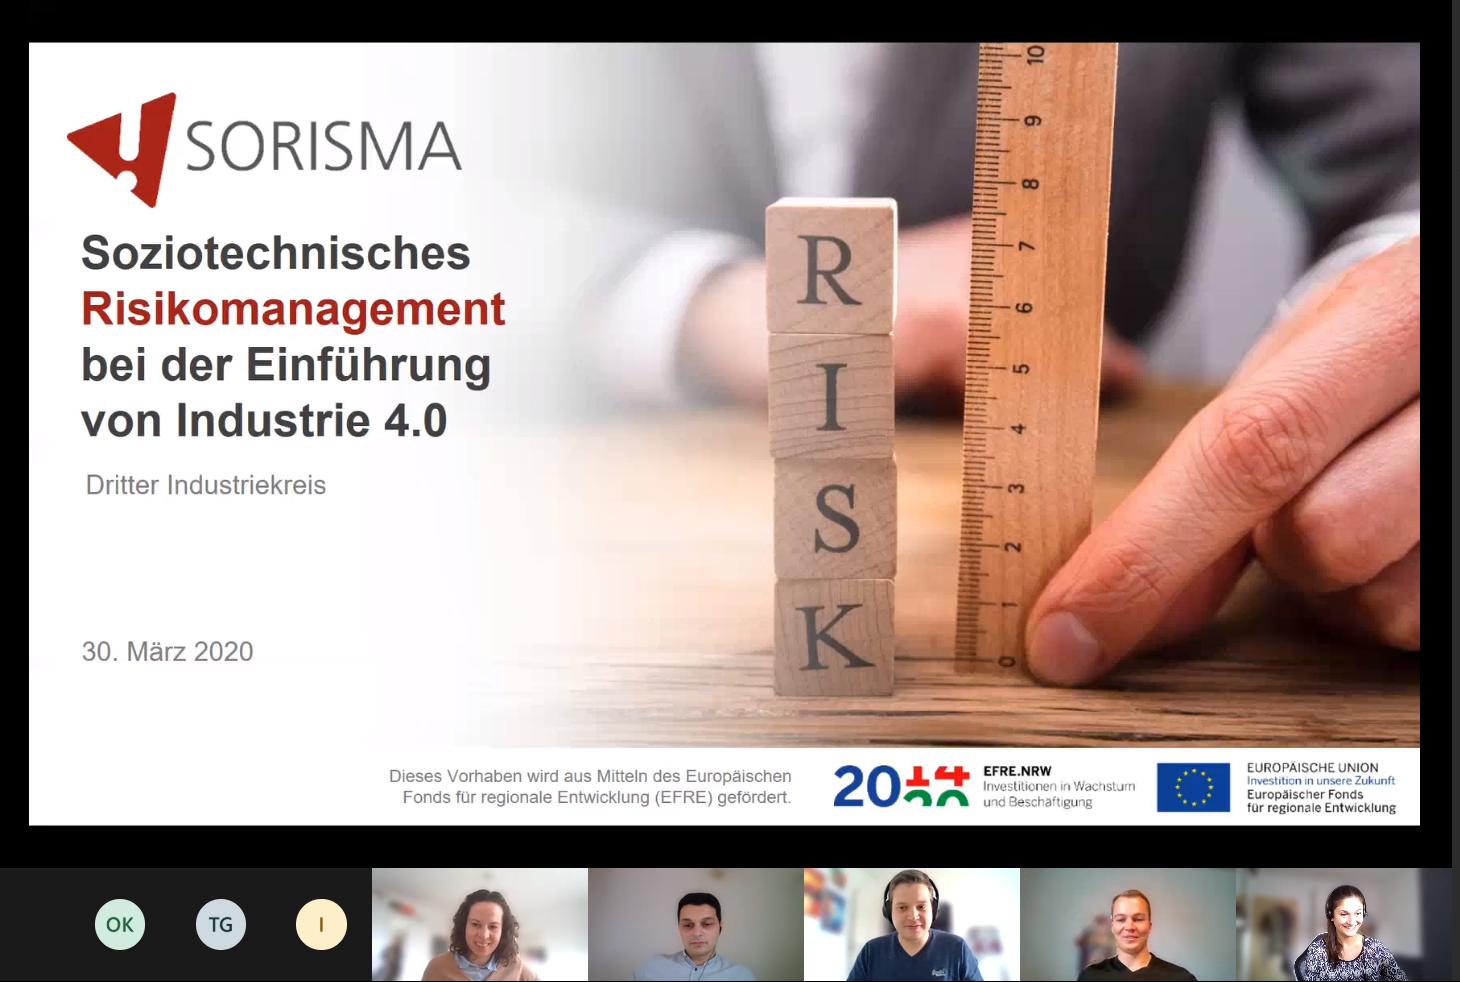 Das SORISMA Team arbeitet in Zeiten von COVID19 weiter – aber virtuell